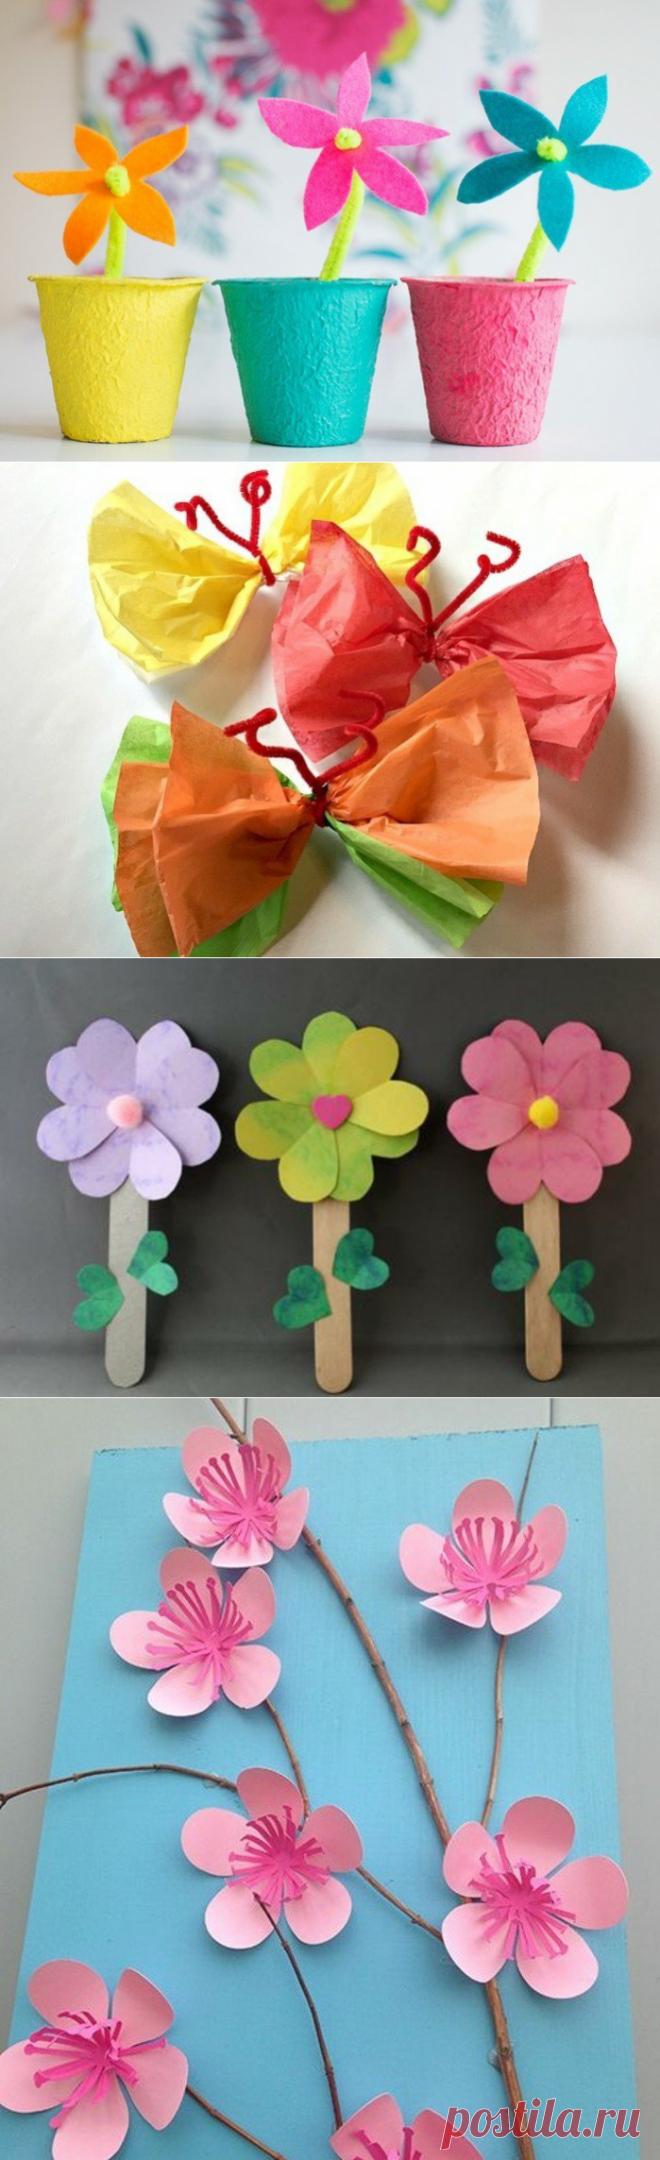 Идеи весенних поделок